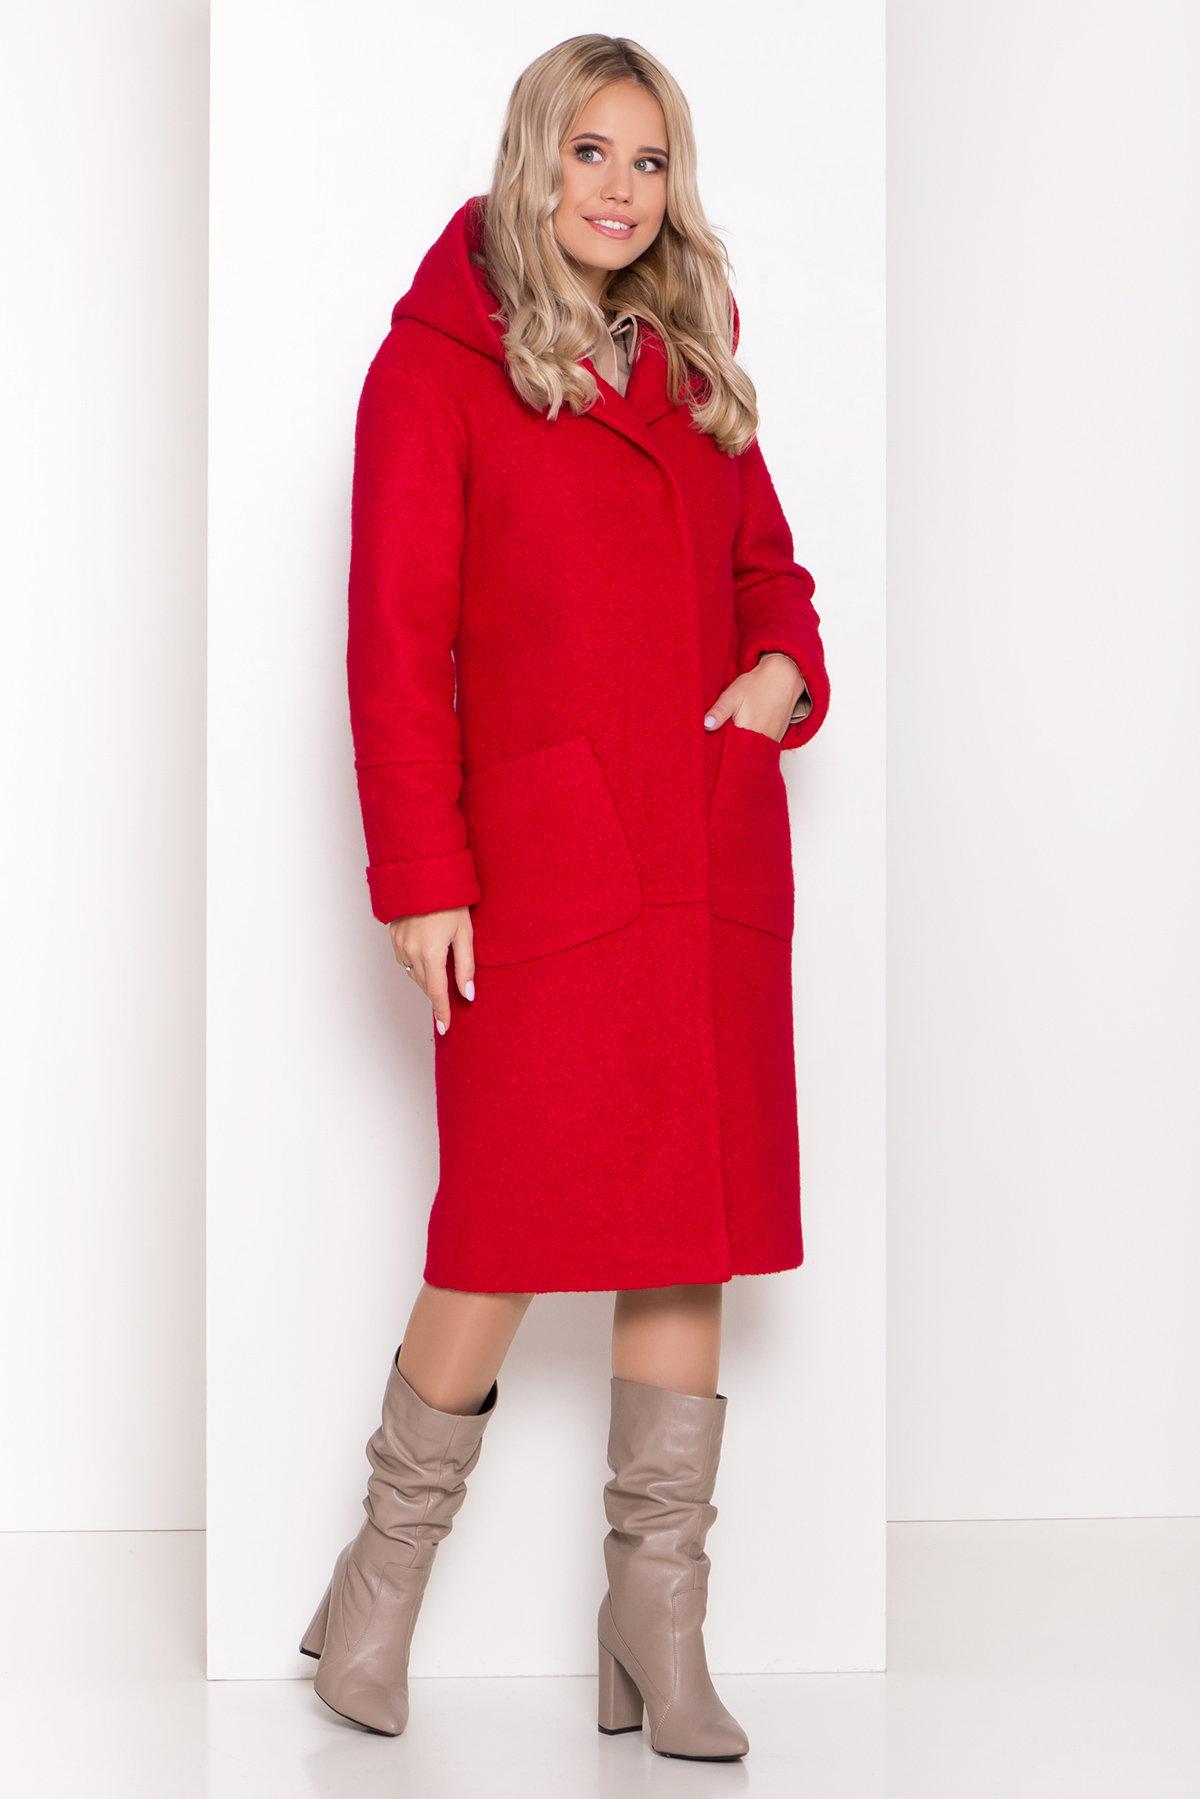 Пальто зима шерсть букле Анита классик 8320 АРТ. 44441 Цвет: Красный 1 - фото 2, интернет магазин tm-modus.ru